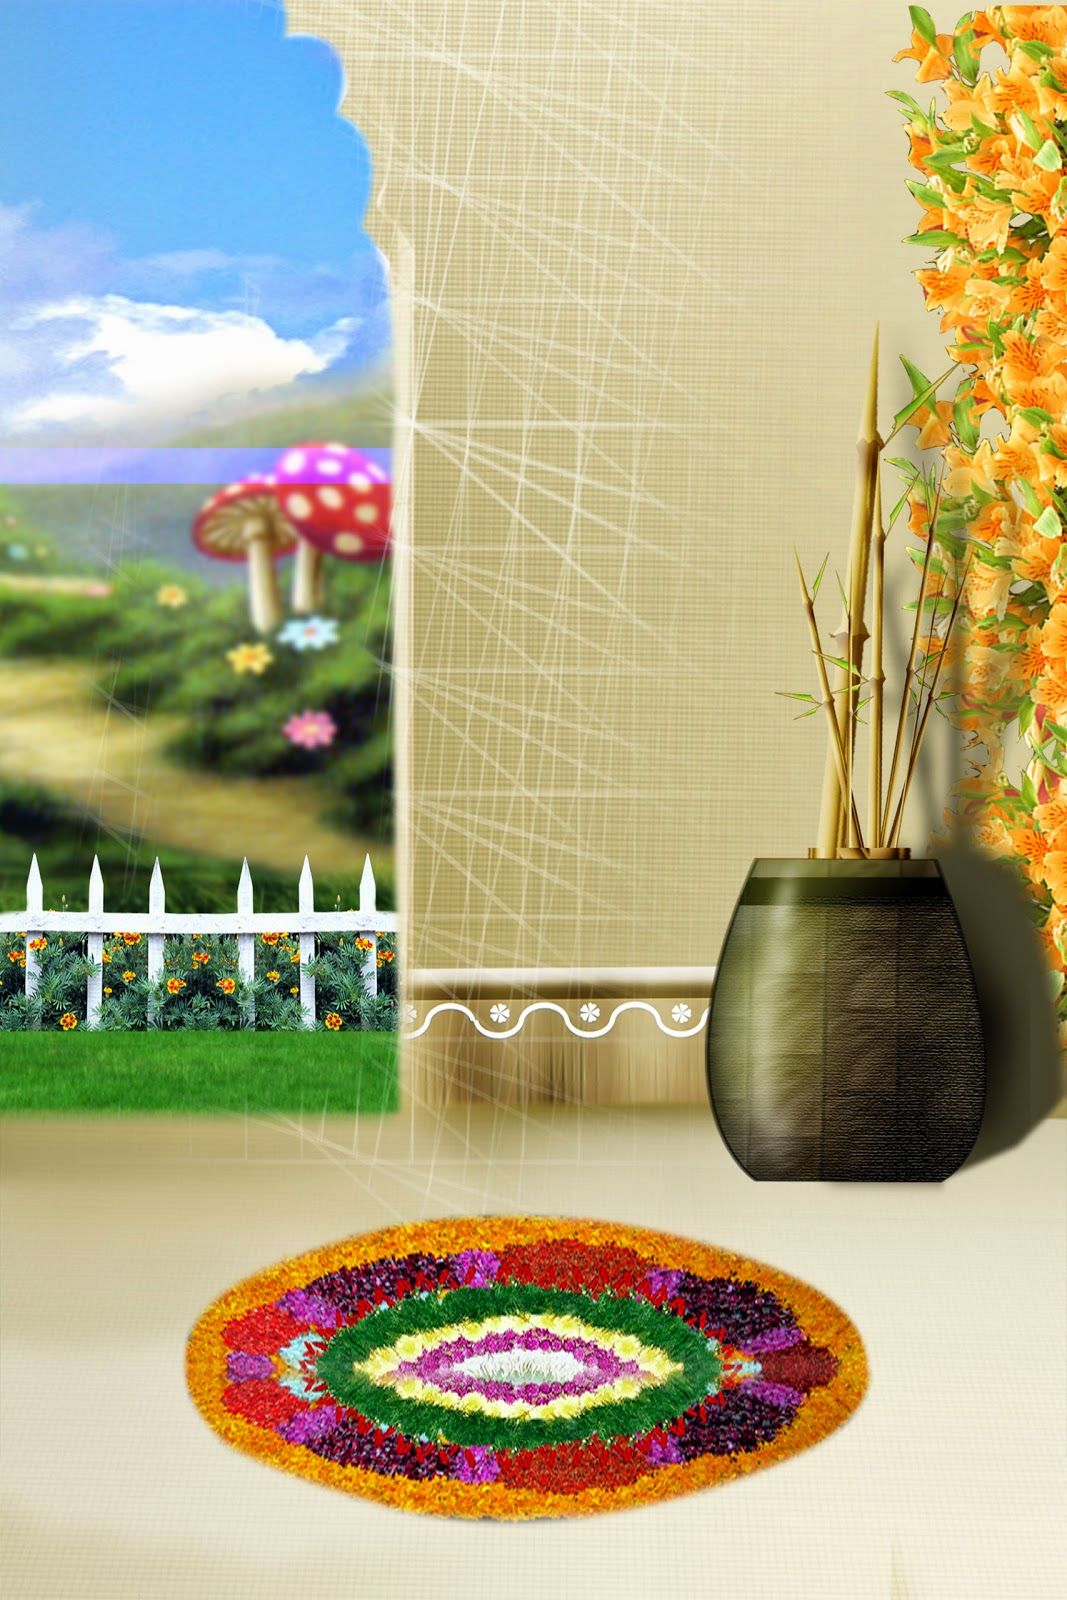 Studio Background Hd 1080p In 2019 Deenan Studio Background